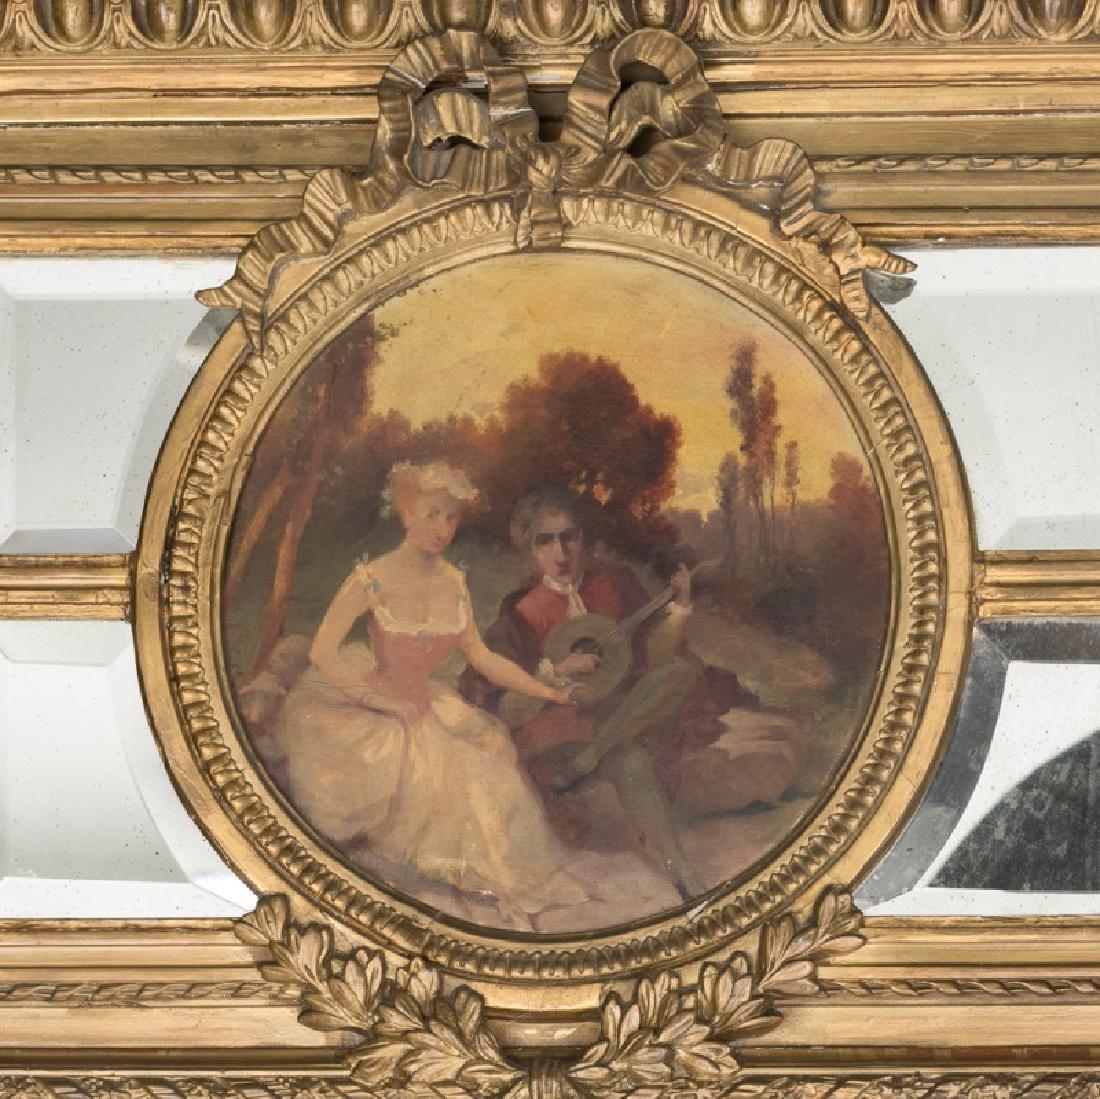 19th C. Continental Giltwood Trumeau Mirror - 3